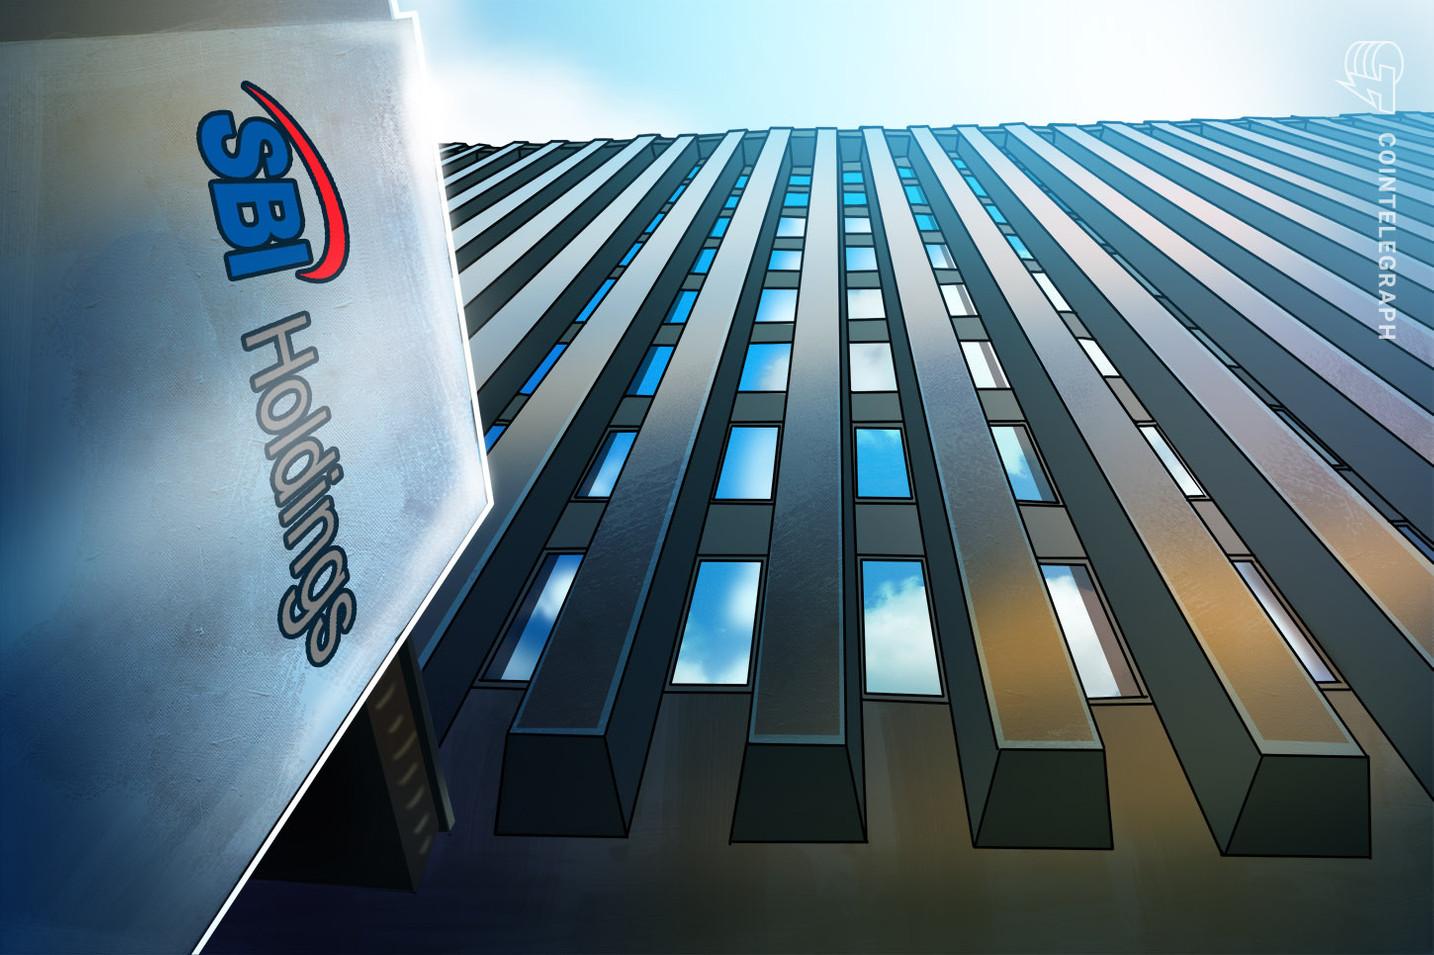 إس بي آي تضاعف أرباح أعمال العملات المشفرة خلال السنة المالية الماضية